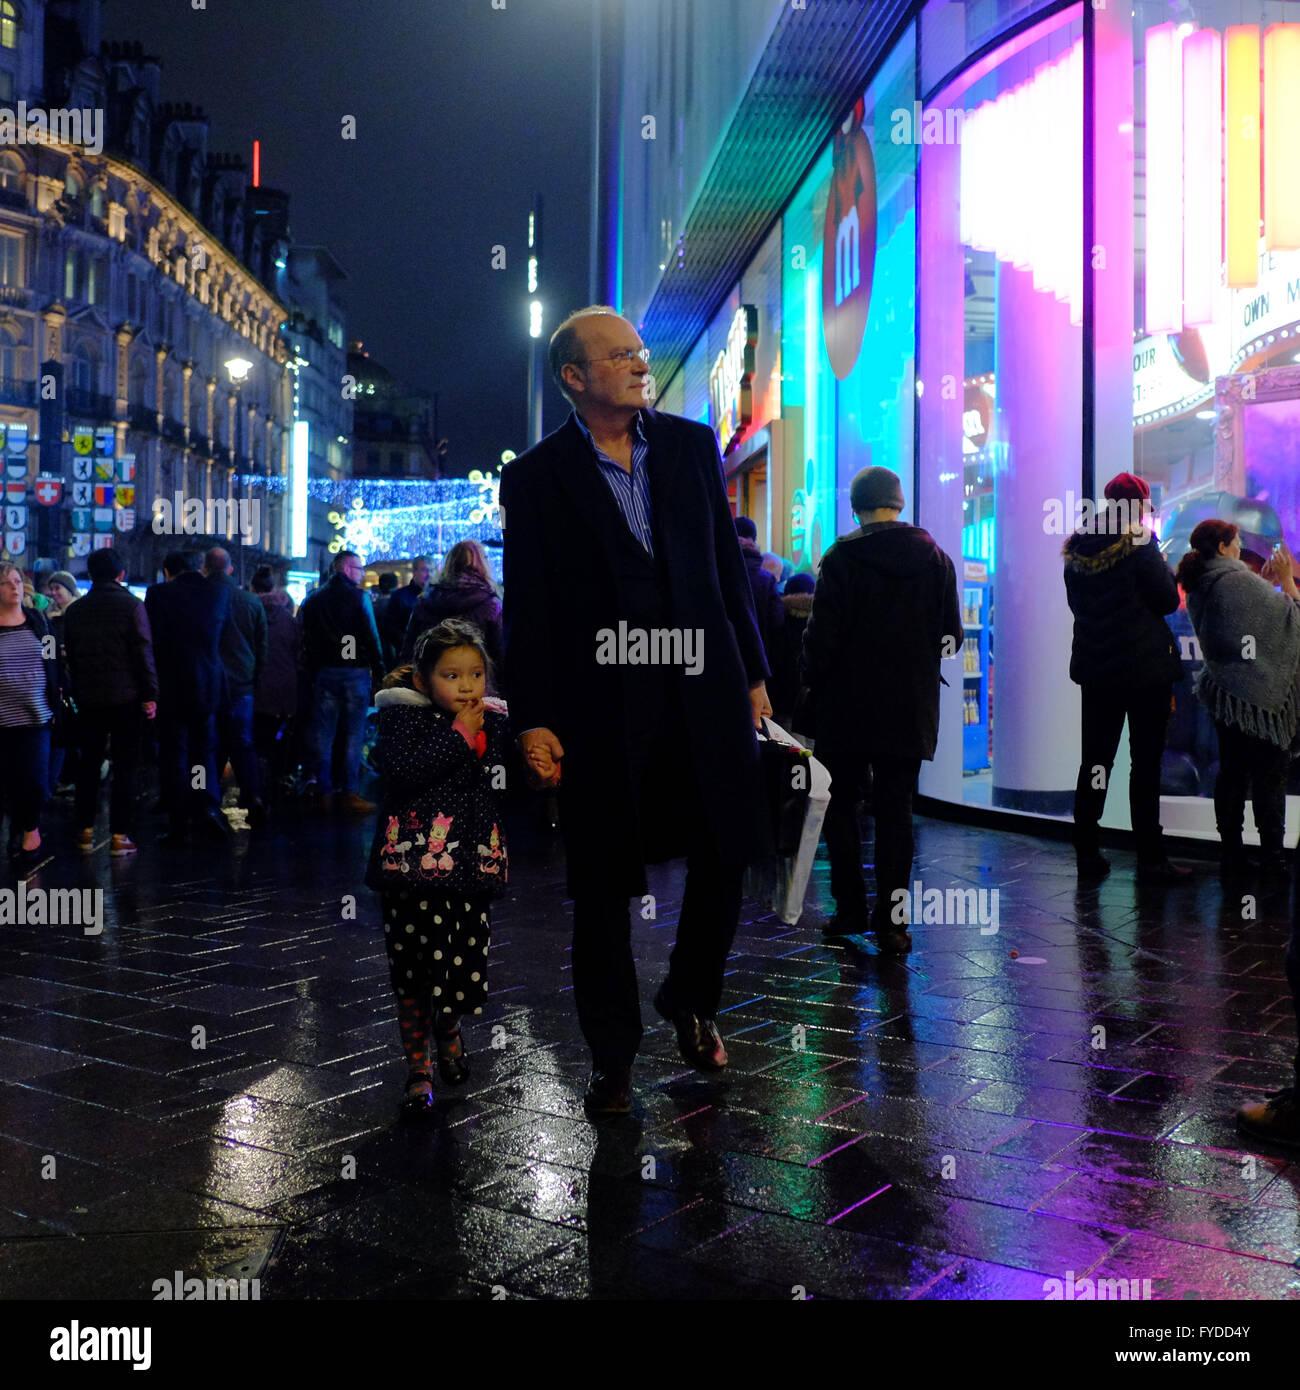 L'uomo azienda giovane ragazza con la mano mentre camminando sul marciapiede umido di notte a Londra Foto Stock